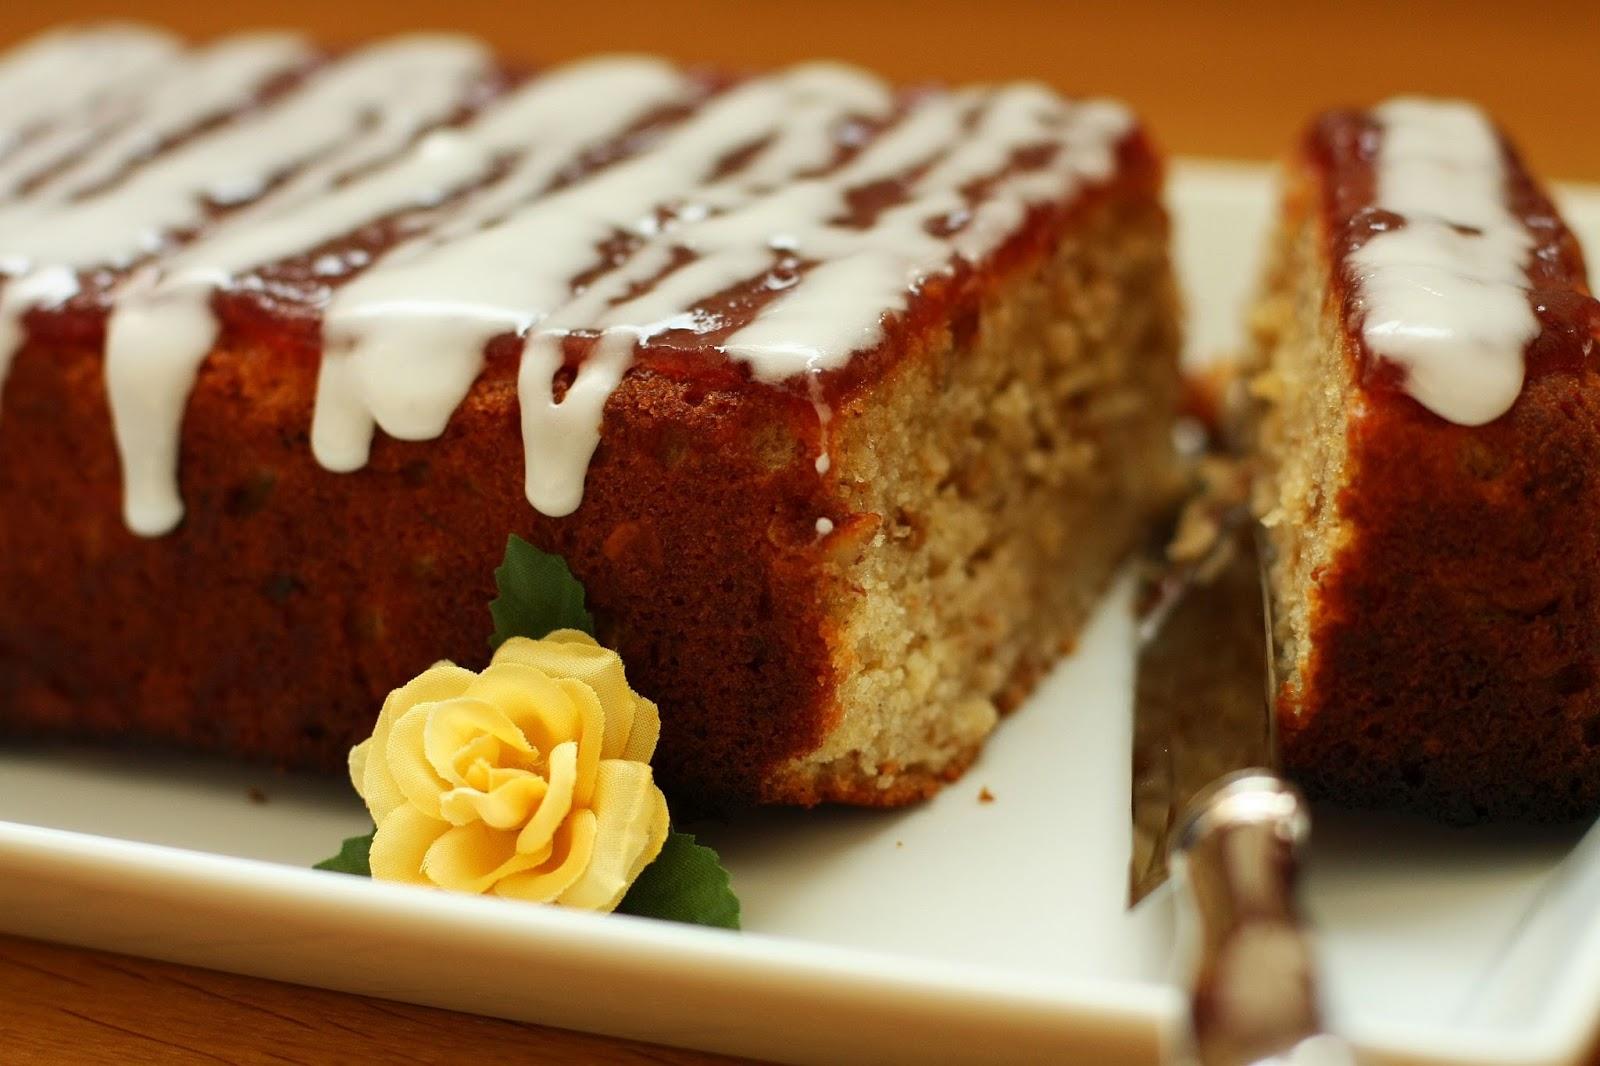 Runebergin kakku mallaspulla leivonta